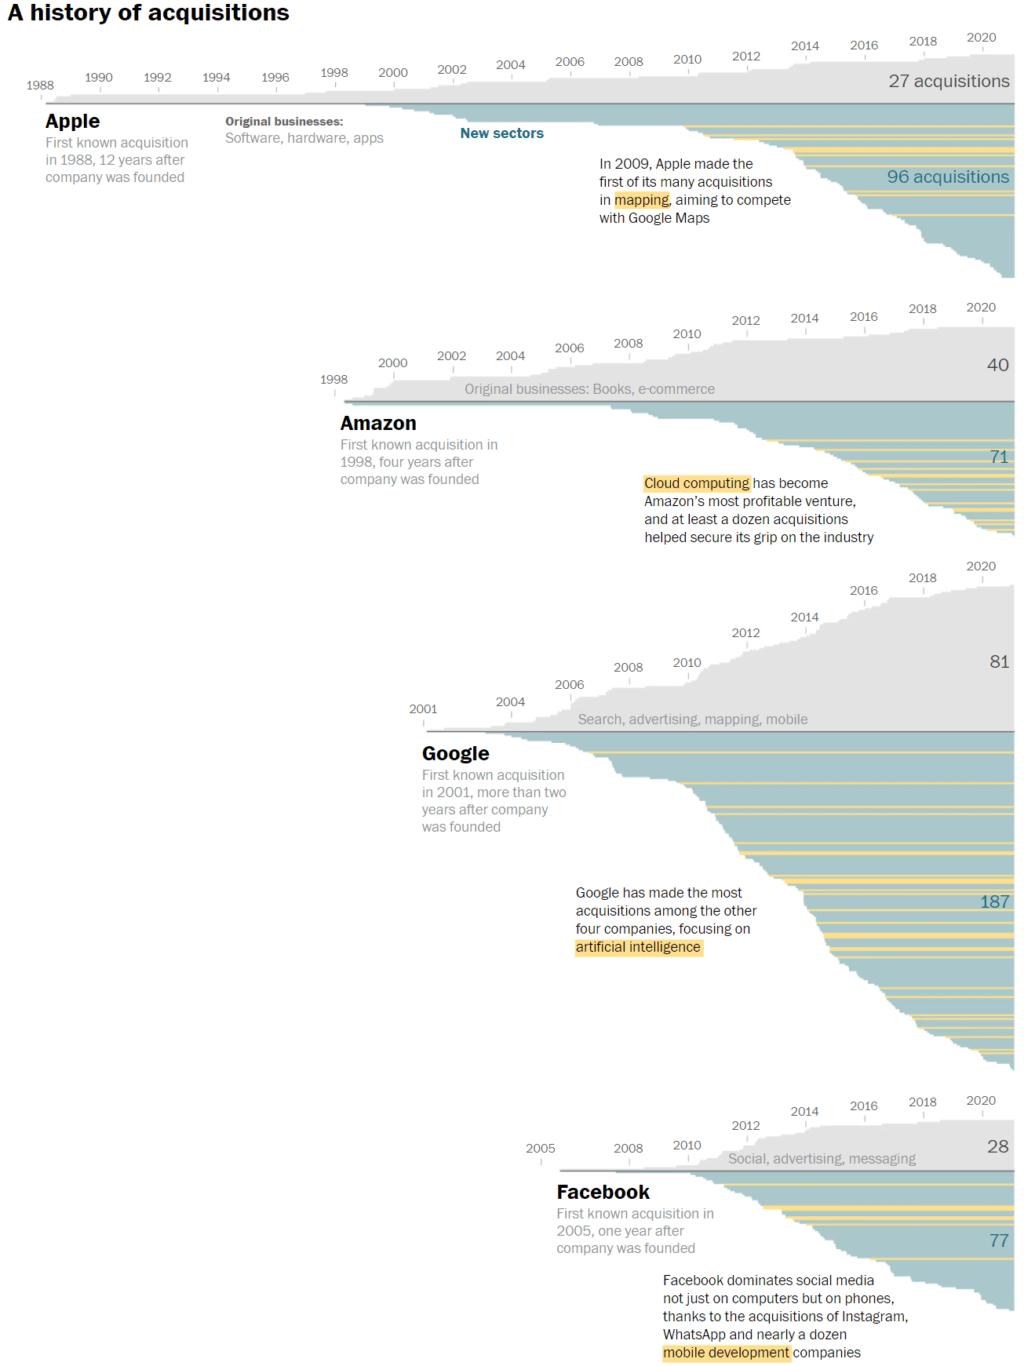 애플 아마존 구글 페이스북의 인수합병을 통한 성장 역사, Infographic by Washington Post